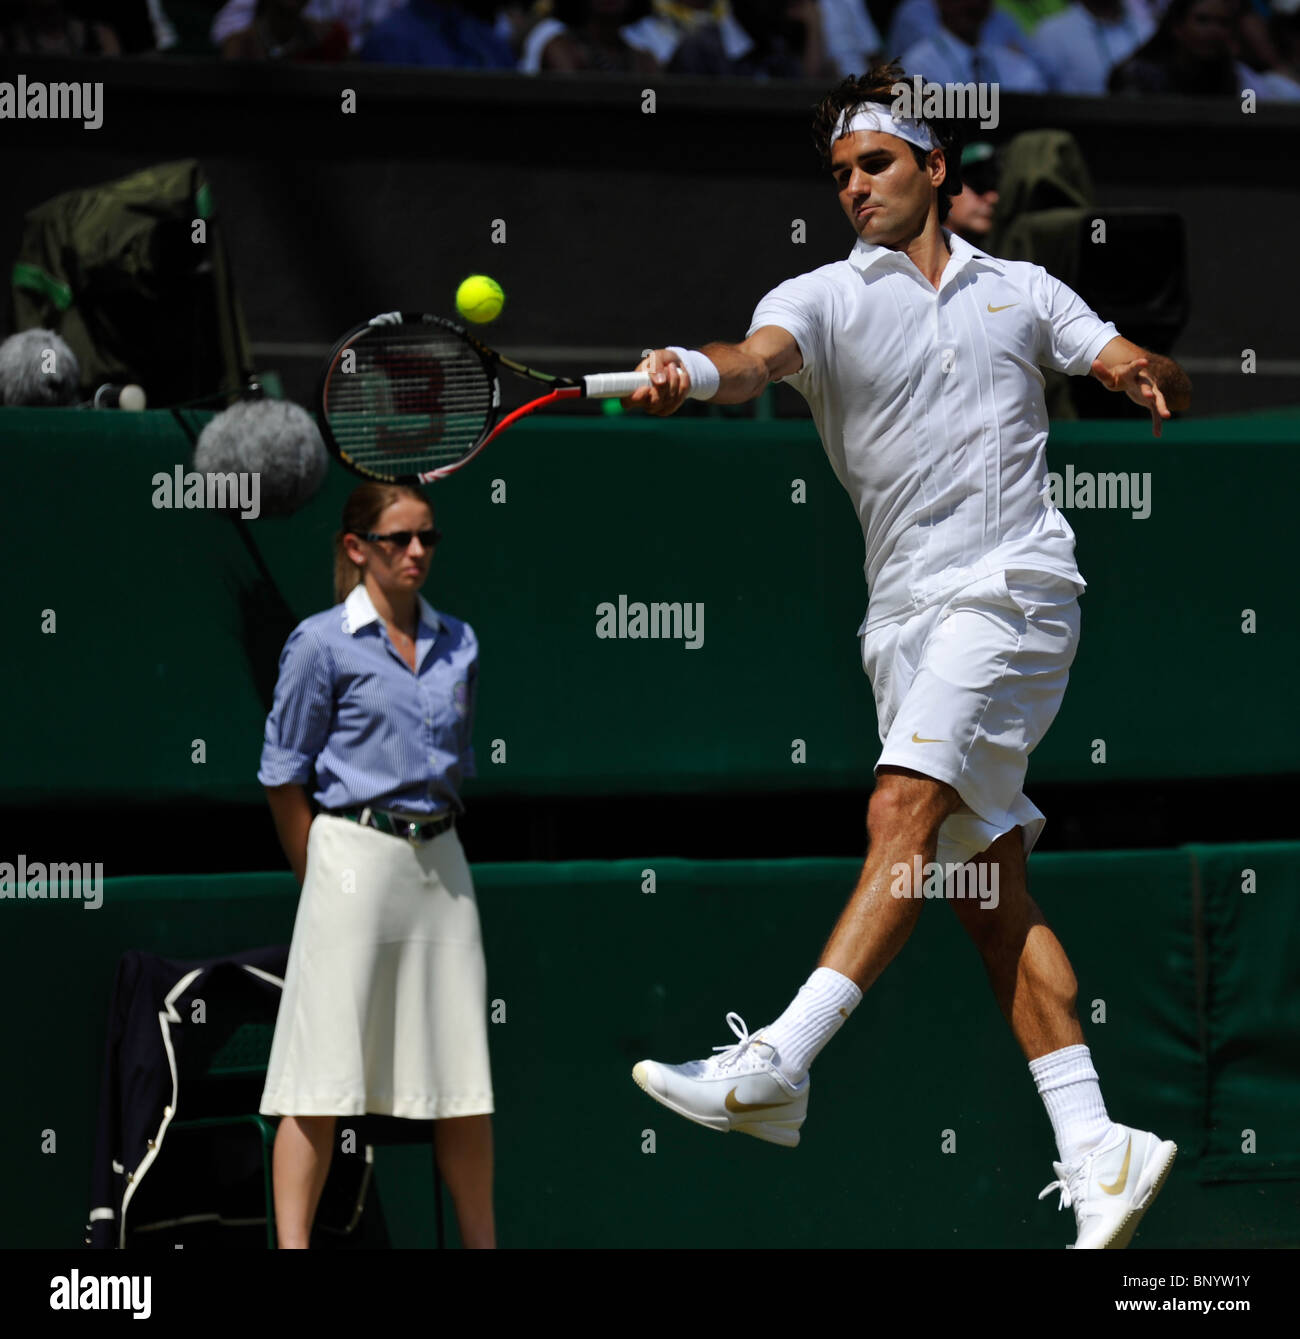 uk store new images of offer discounts 28. Juni 2010: Roger Federer (SUI) [1] gegen Jürgen Melzer ...